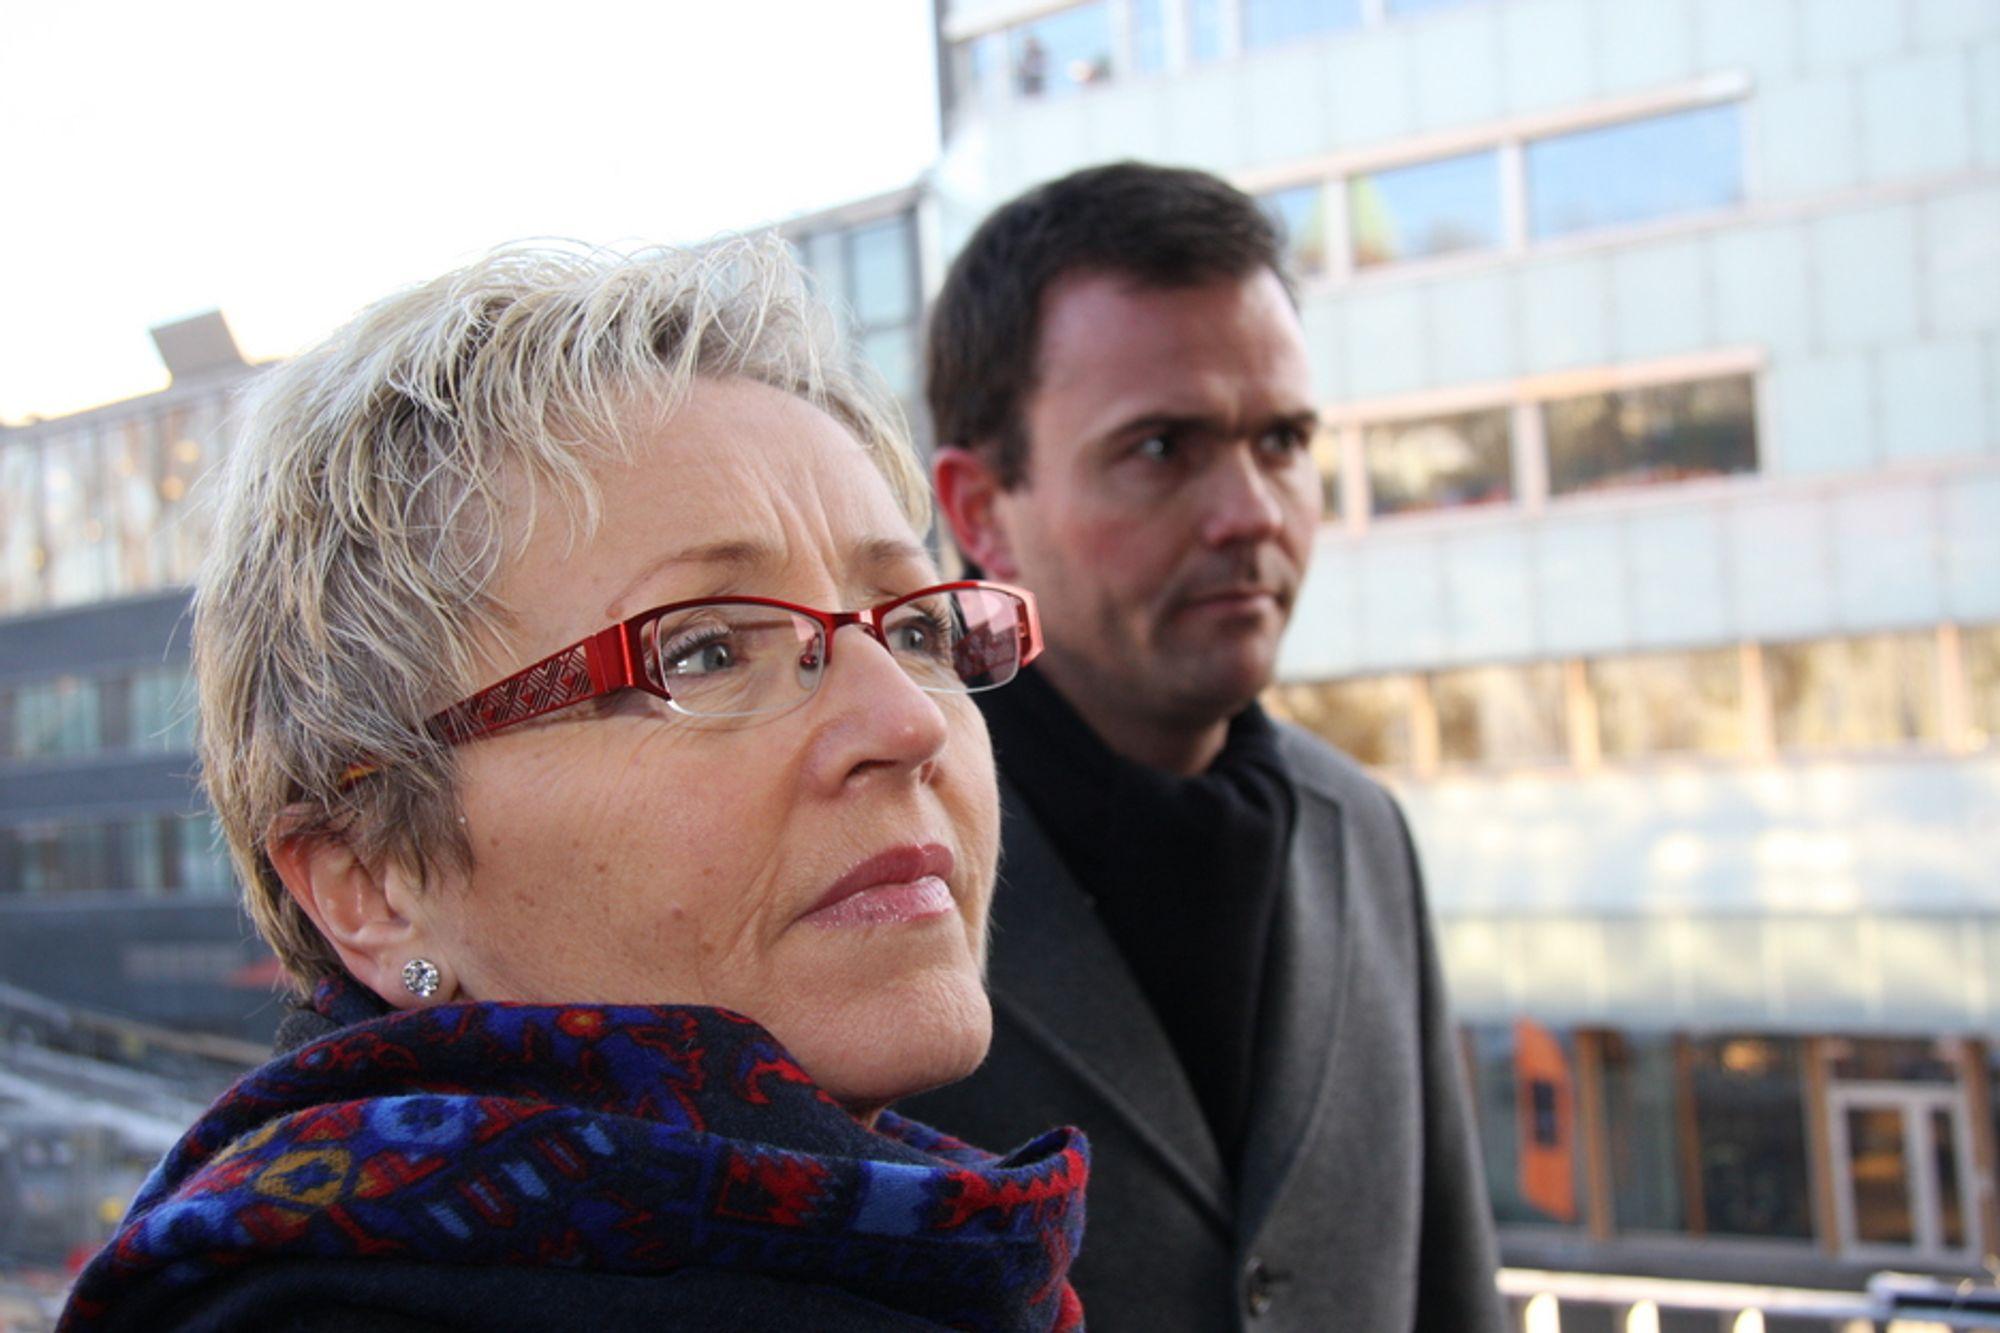 BELLONA: Kommunalminister Liv Signe Navarsete har besøkt Bellona for å prate om energi- og miljøvennlige bygg og få synspunkter til den kommende stortingsmeldingen. I bakgrunnen Marius Holm som viser statsråden det nye Bellonabygget.